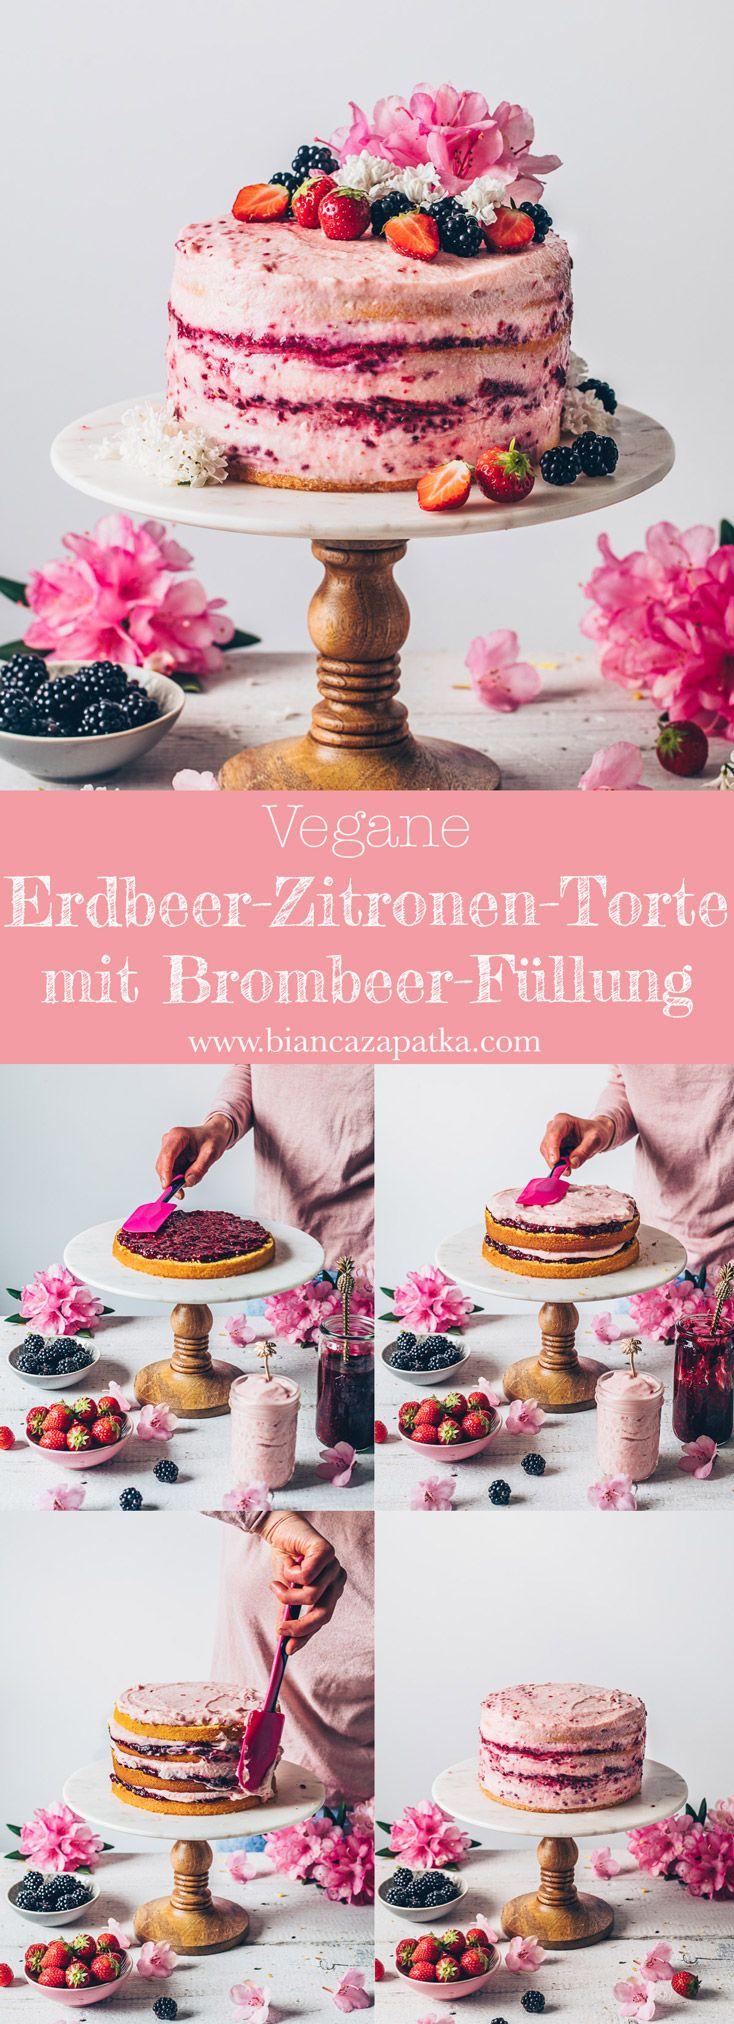 Erdbeer-Zitronen-Torte mit Brombeer-Marmelade - Bianca Zapatka | Rezepte #savourycake